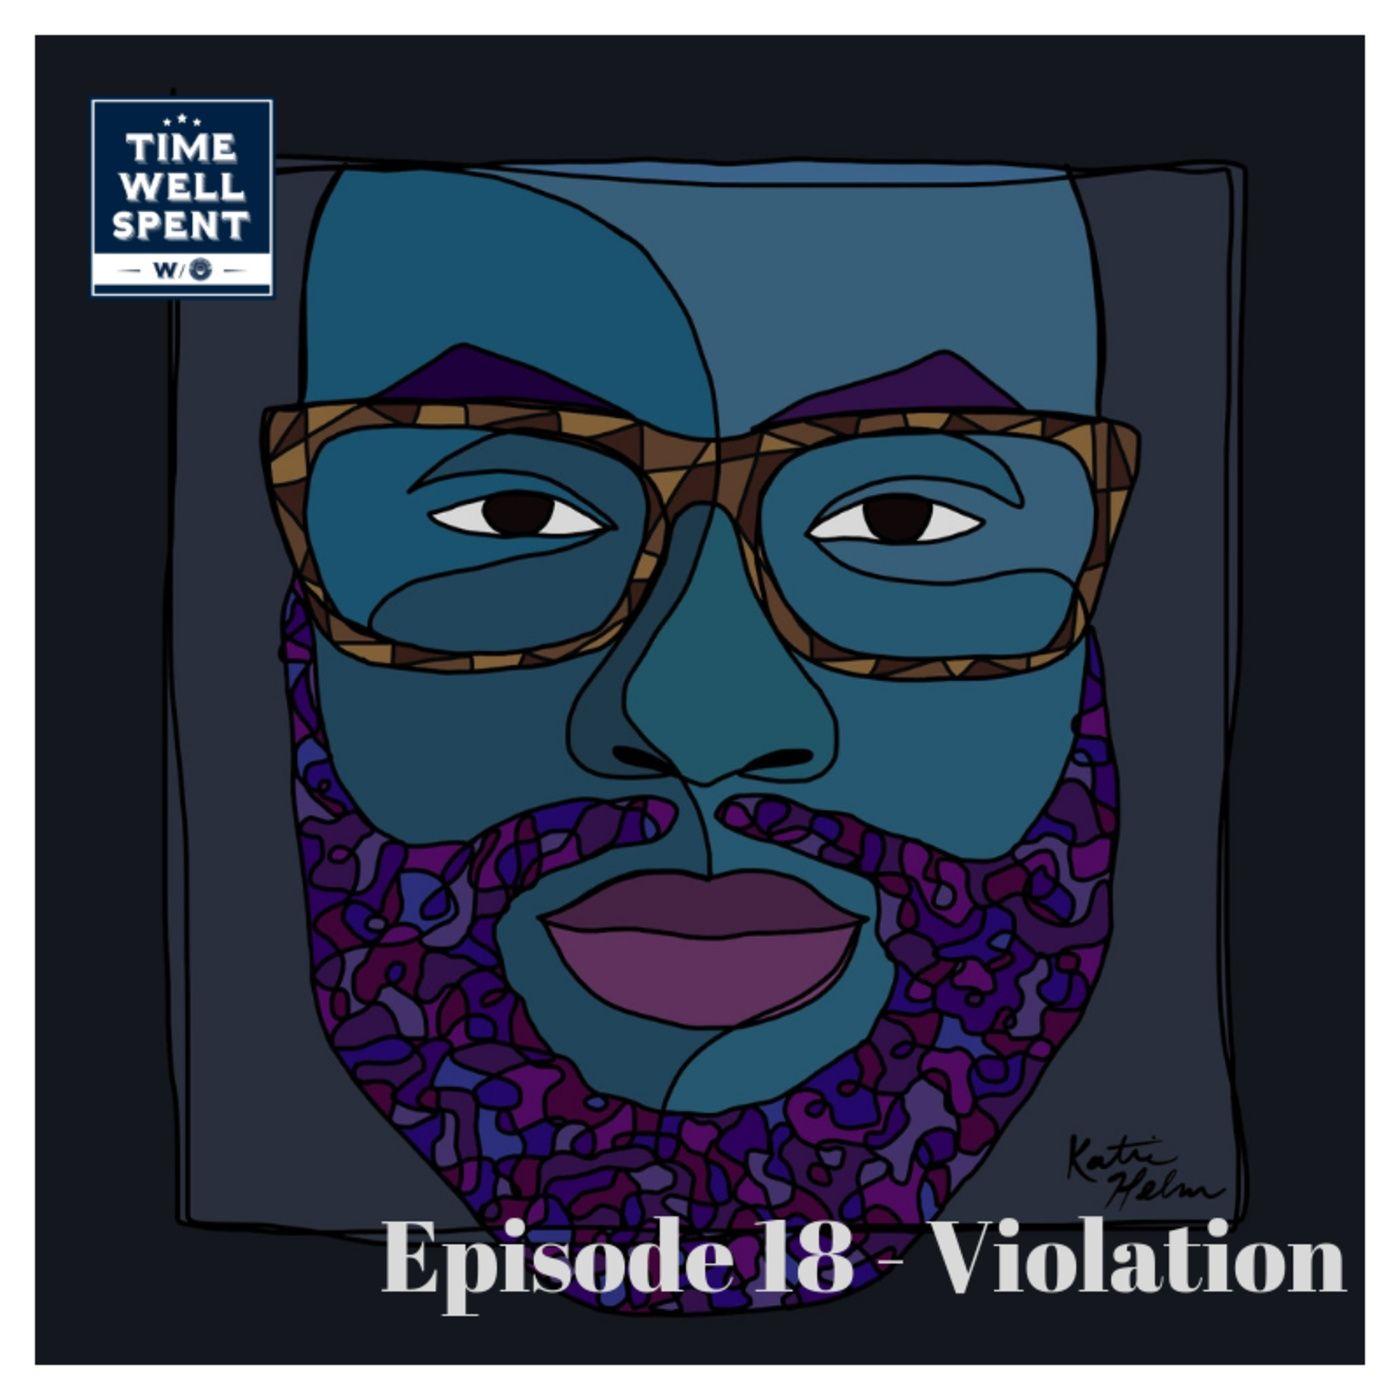 Episode 18 - Violation